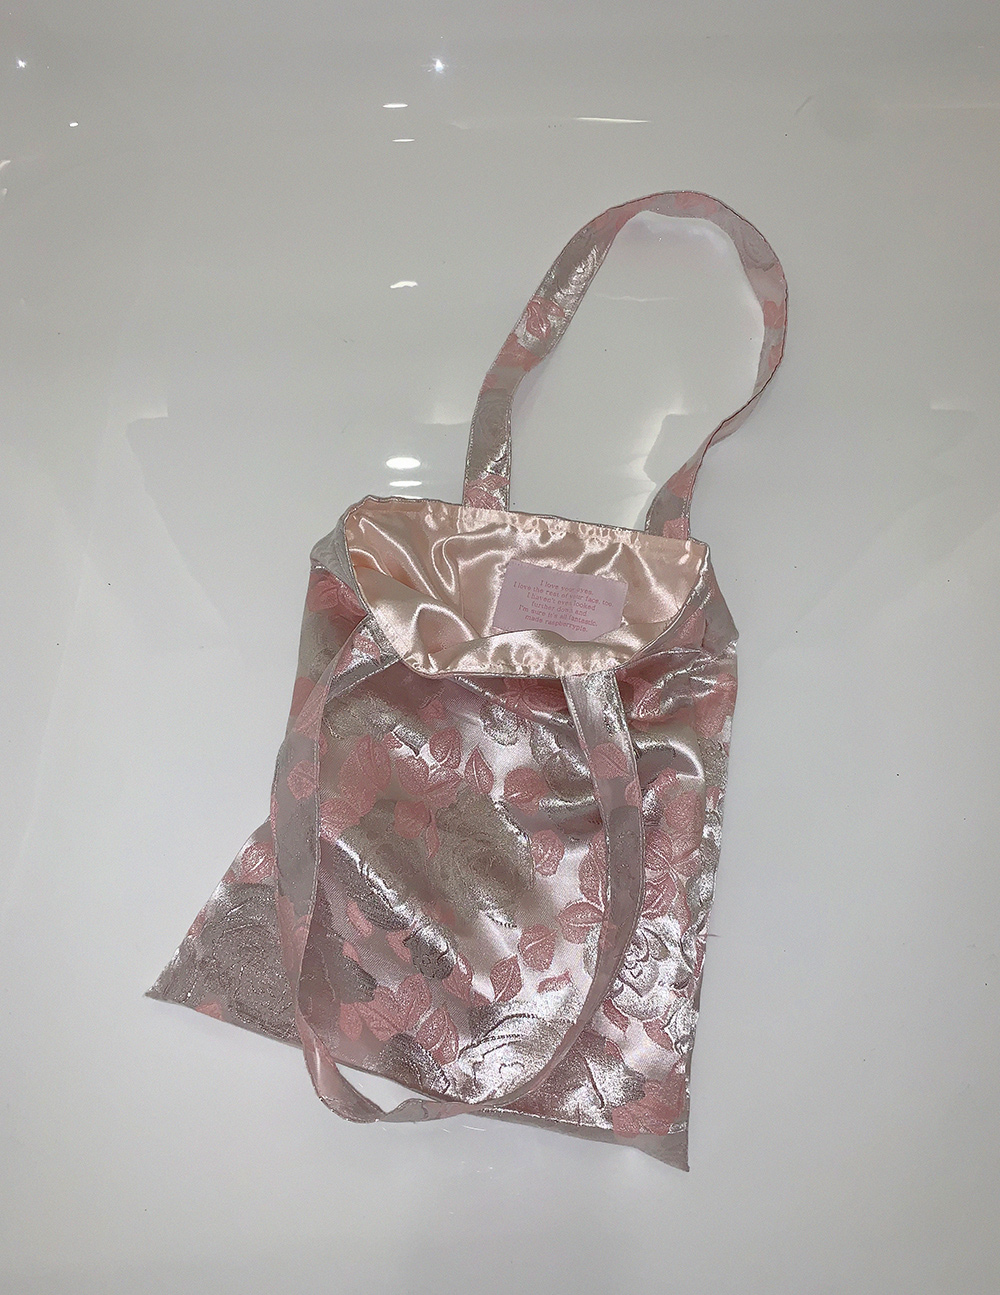 METAL ROSE BAG